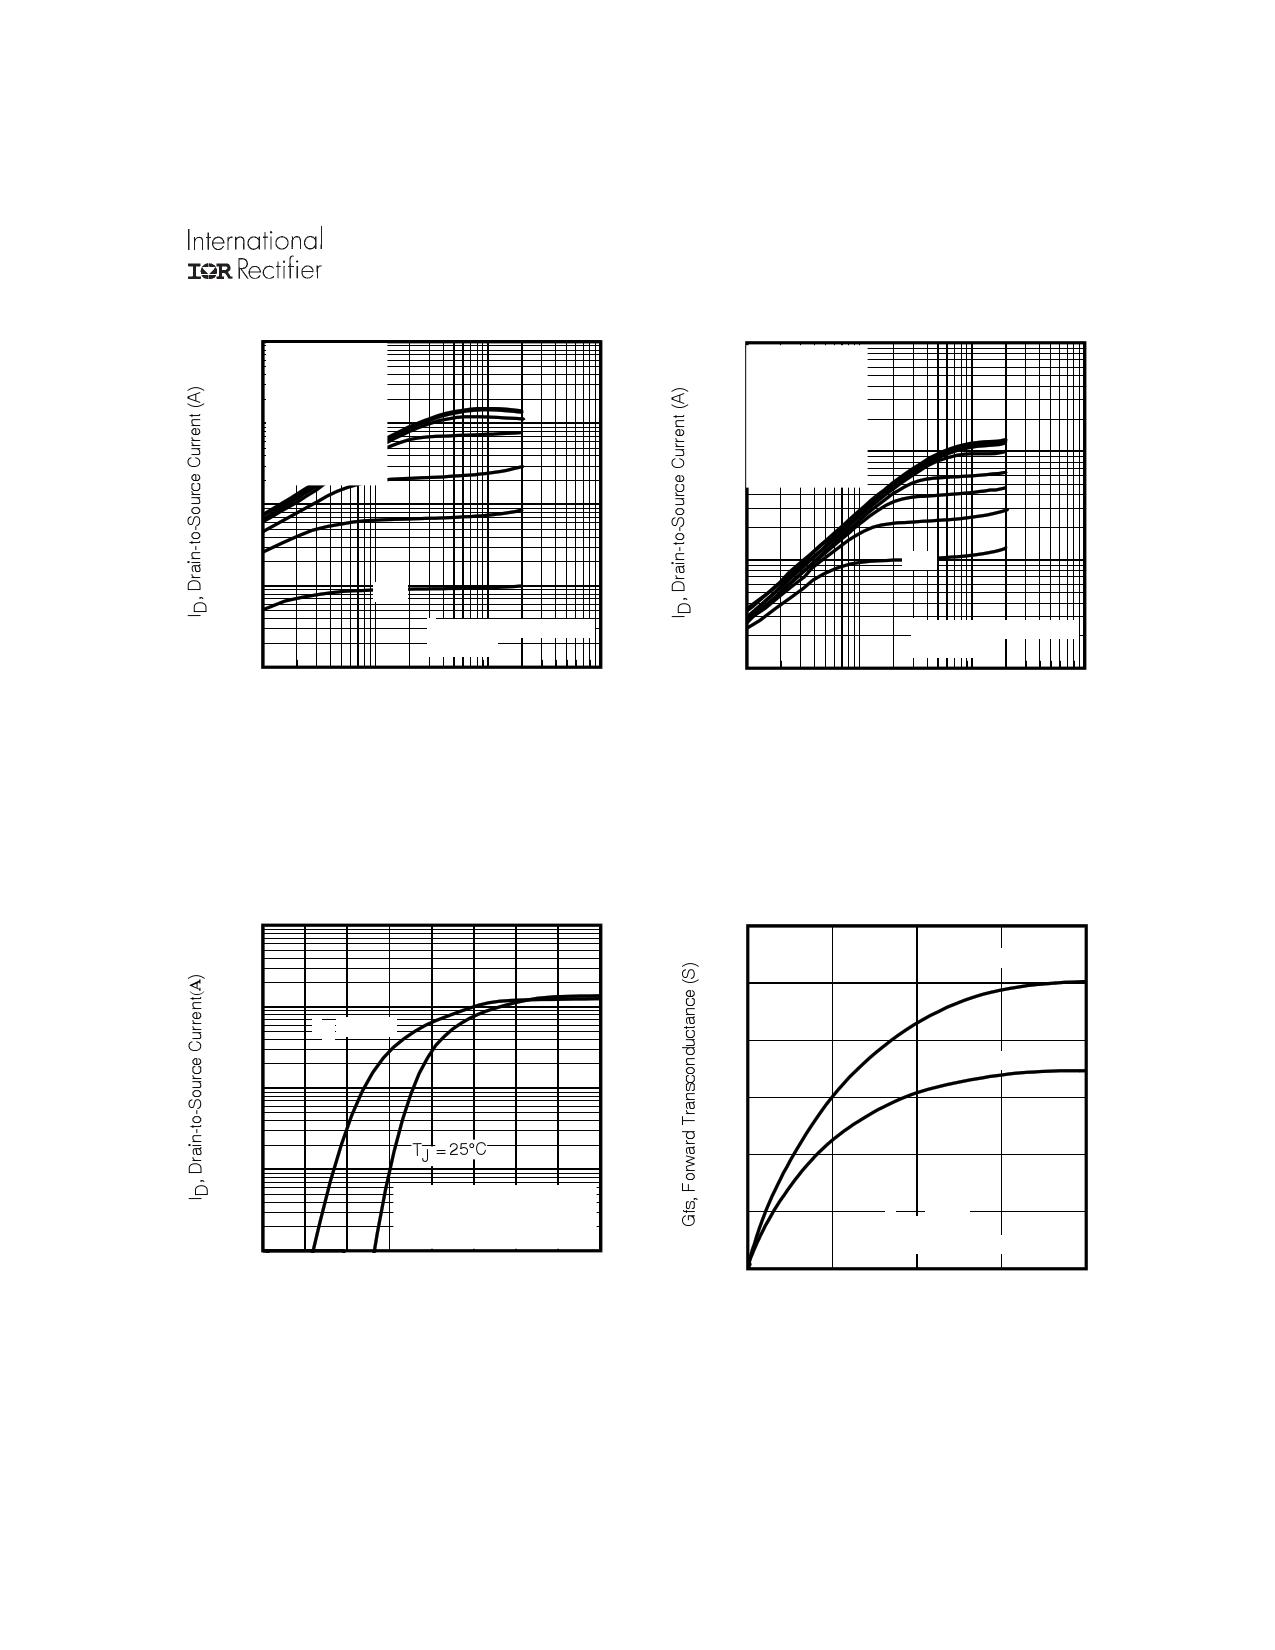 IRFR2607Z pdf, ピン配列